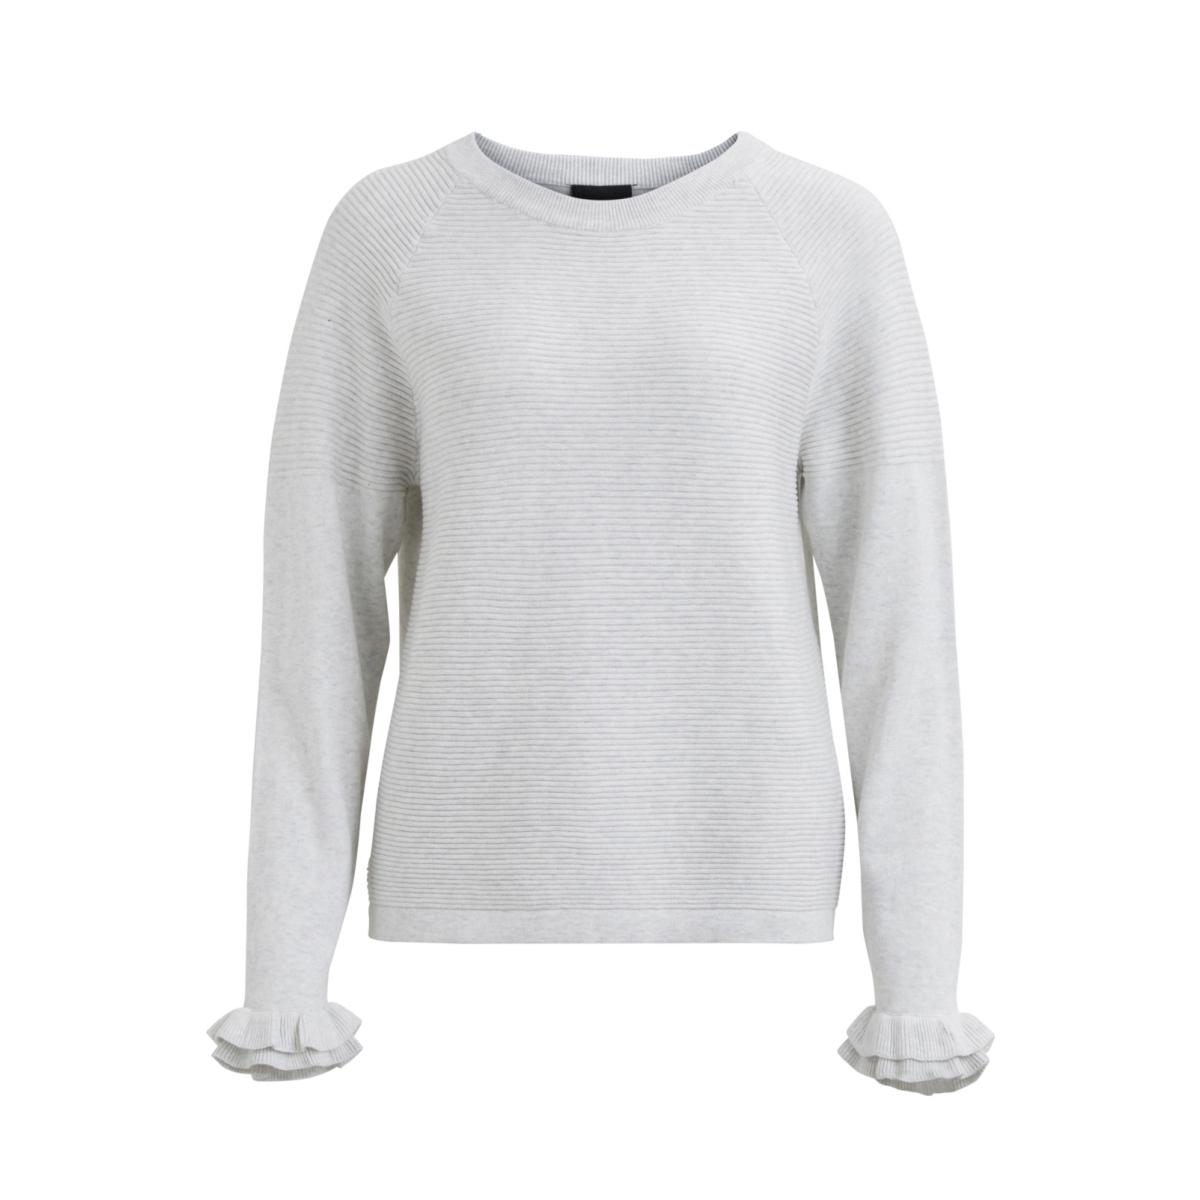 objfuerla morgan l/s knit pullover 23025740 object trui gardenia